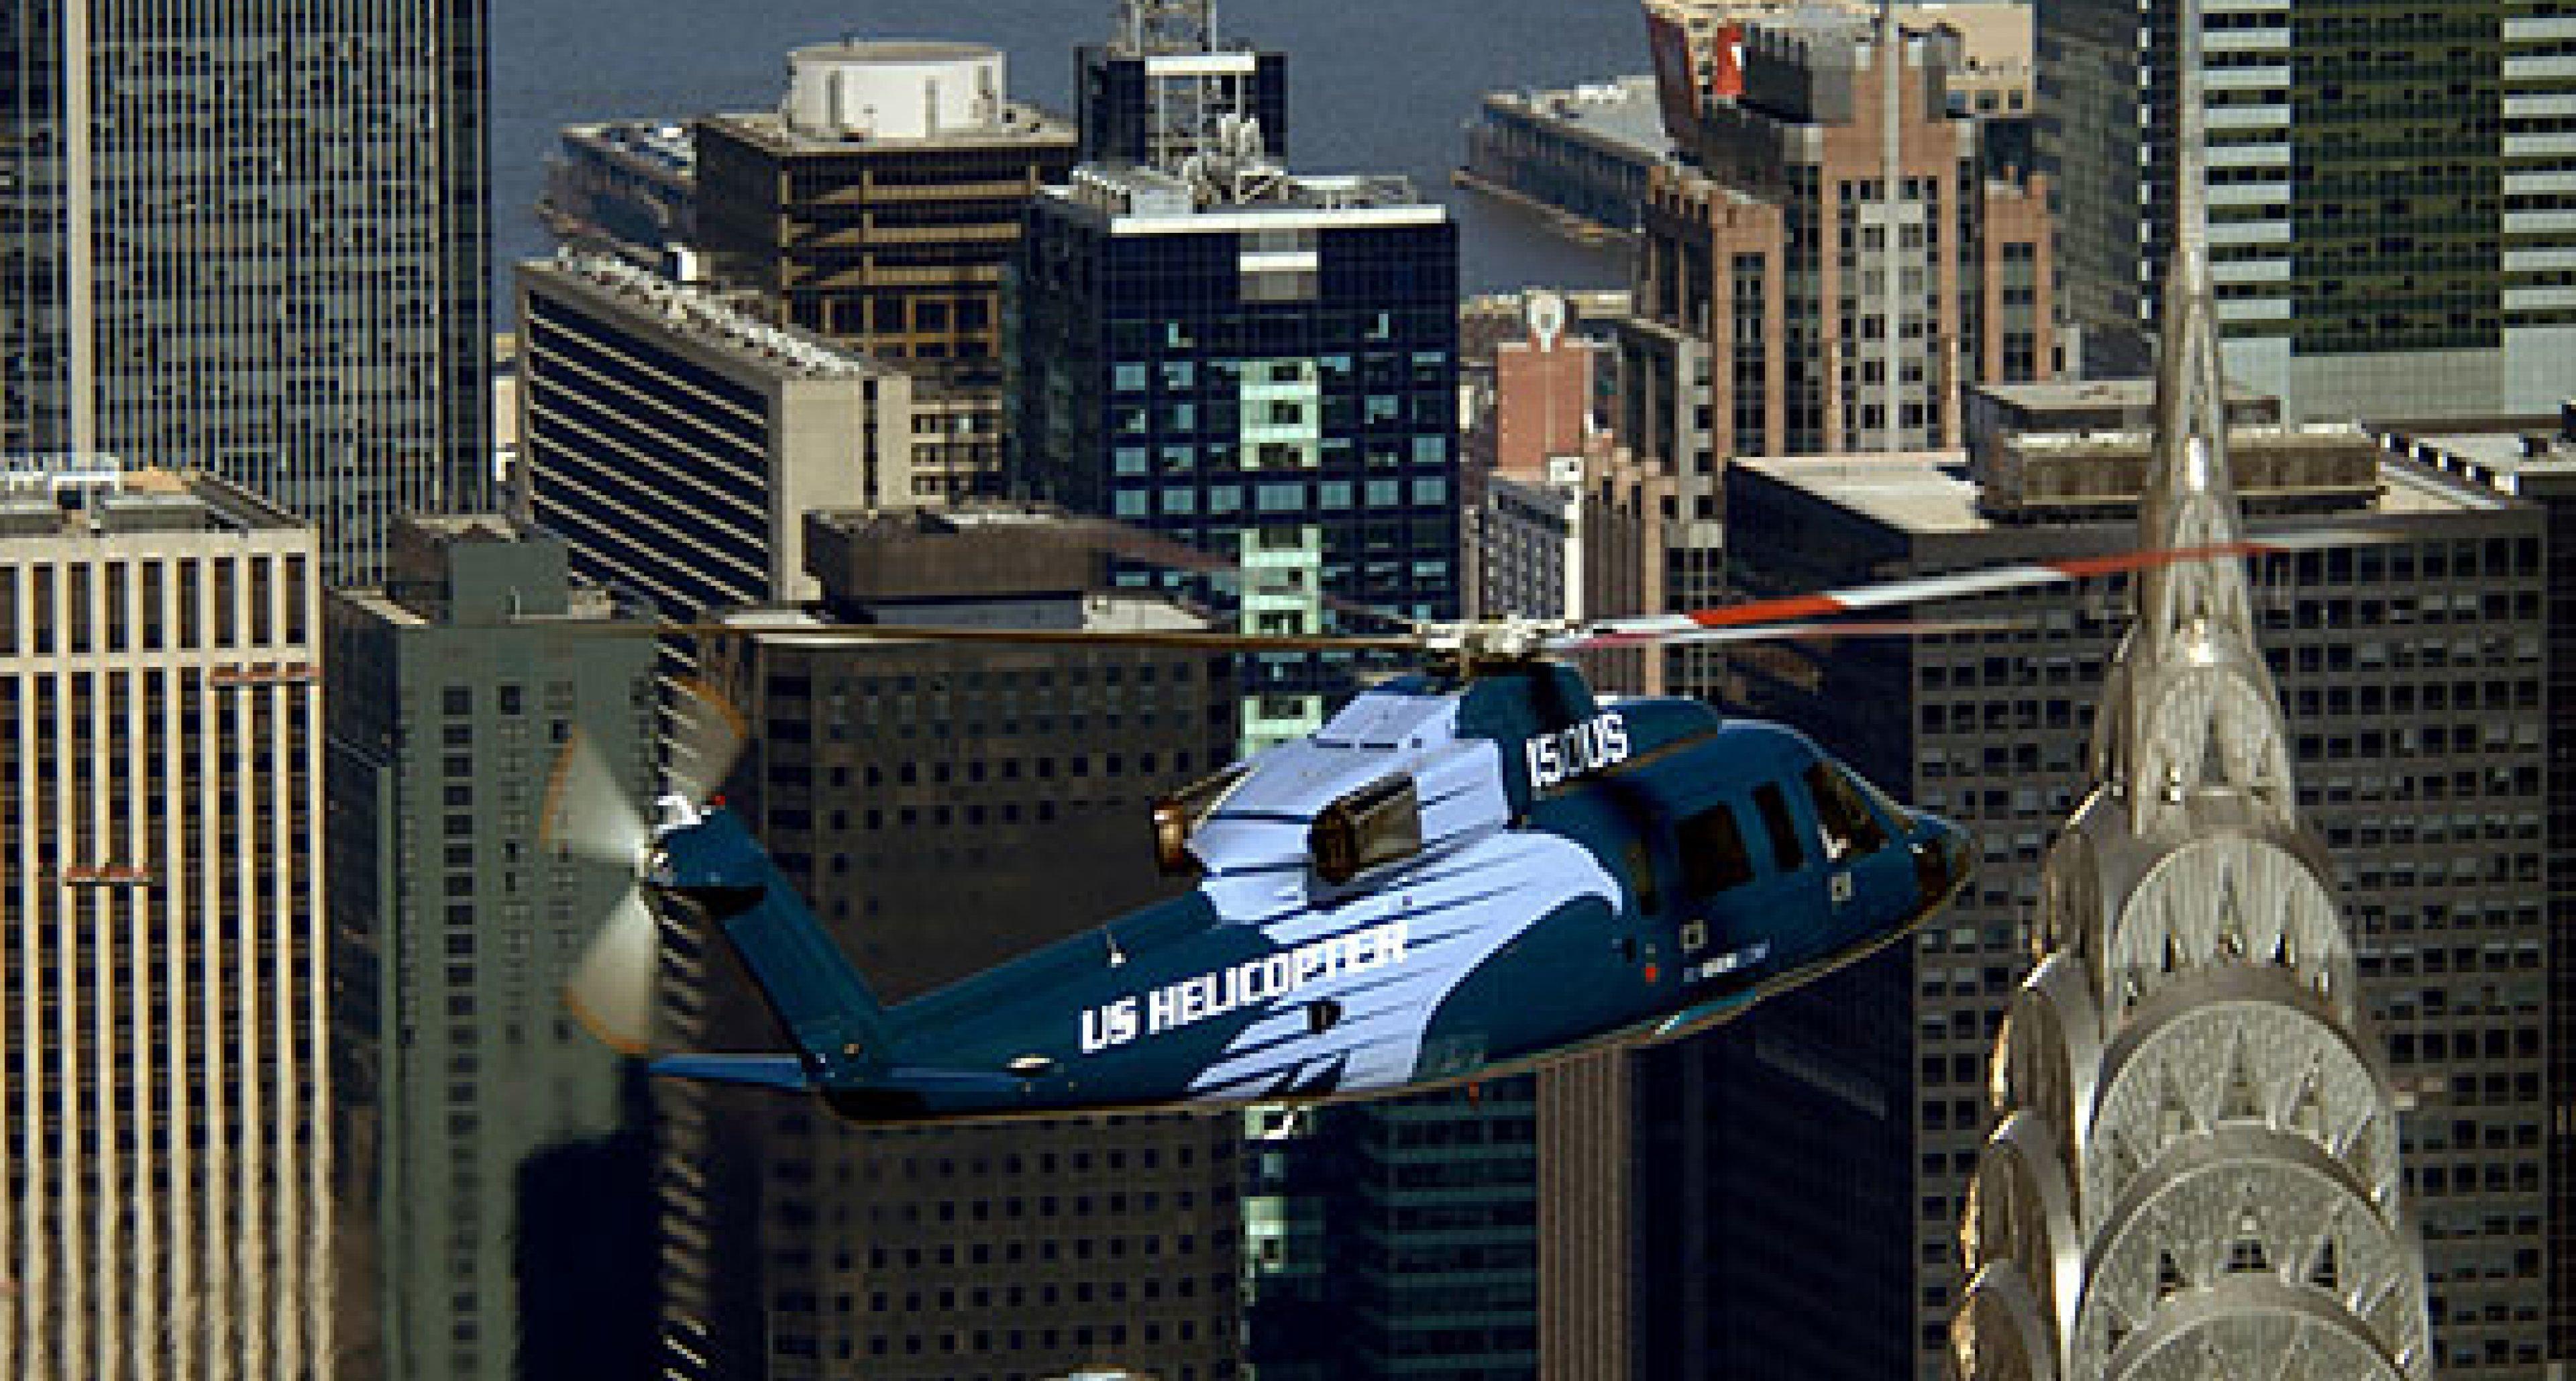 New York City Airbus